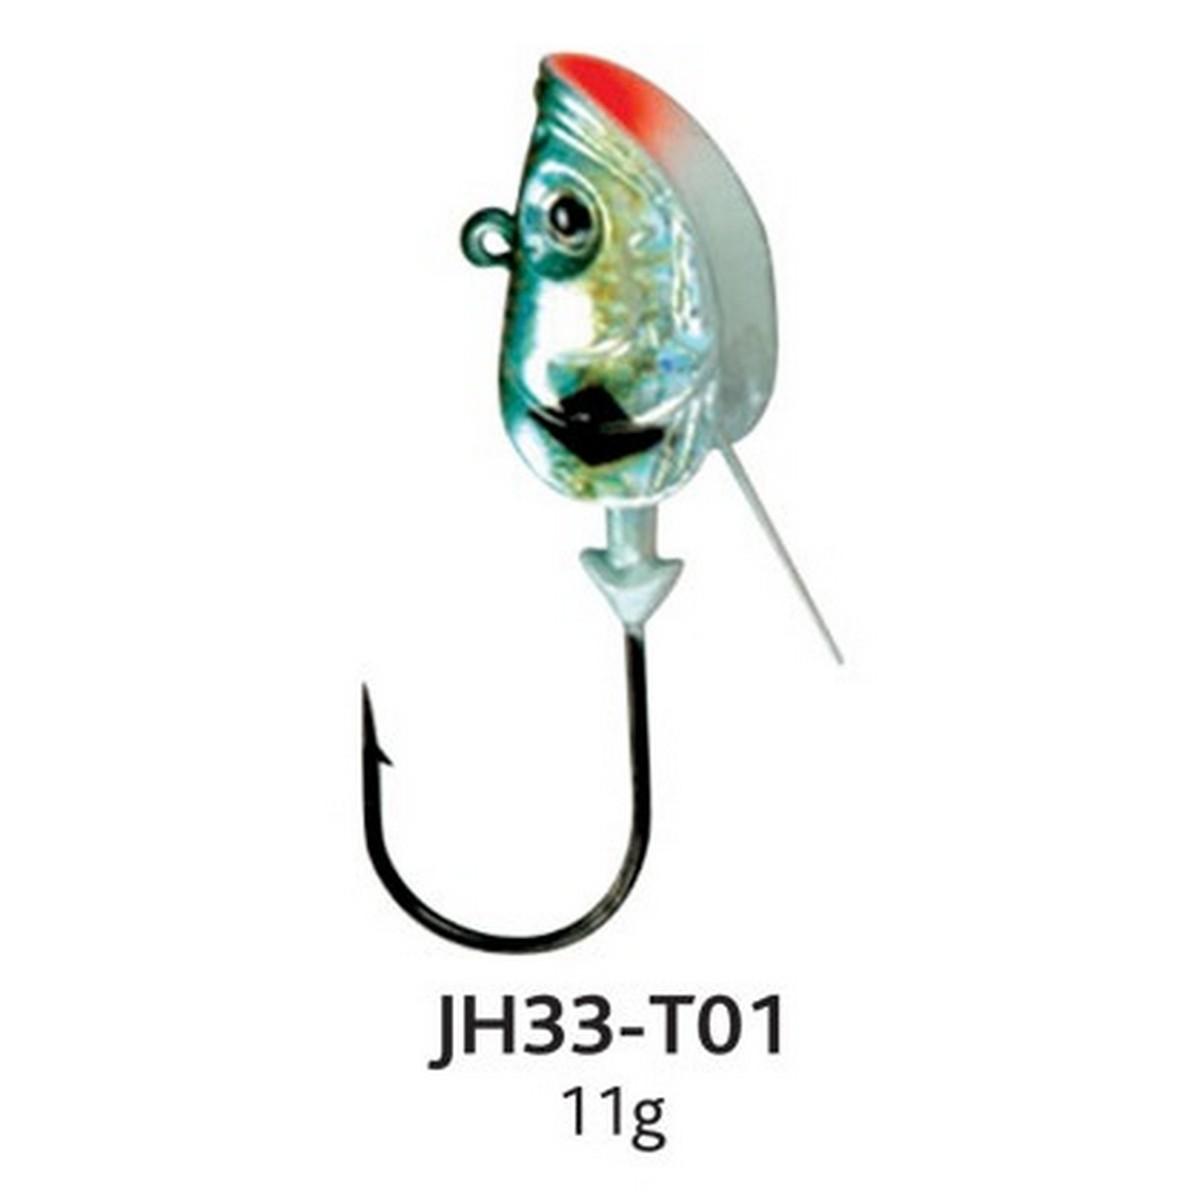 Глави за туистери боядисани Baracuda JH33-T01